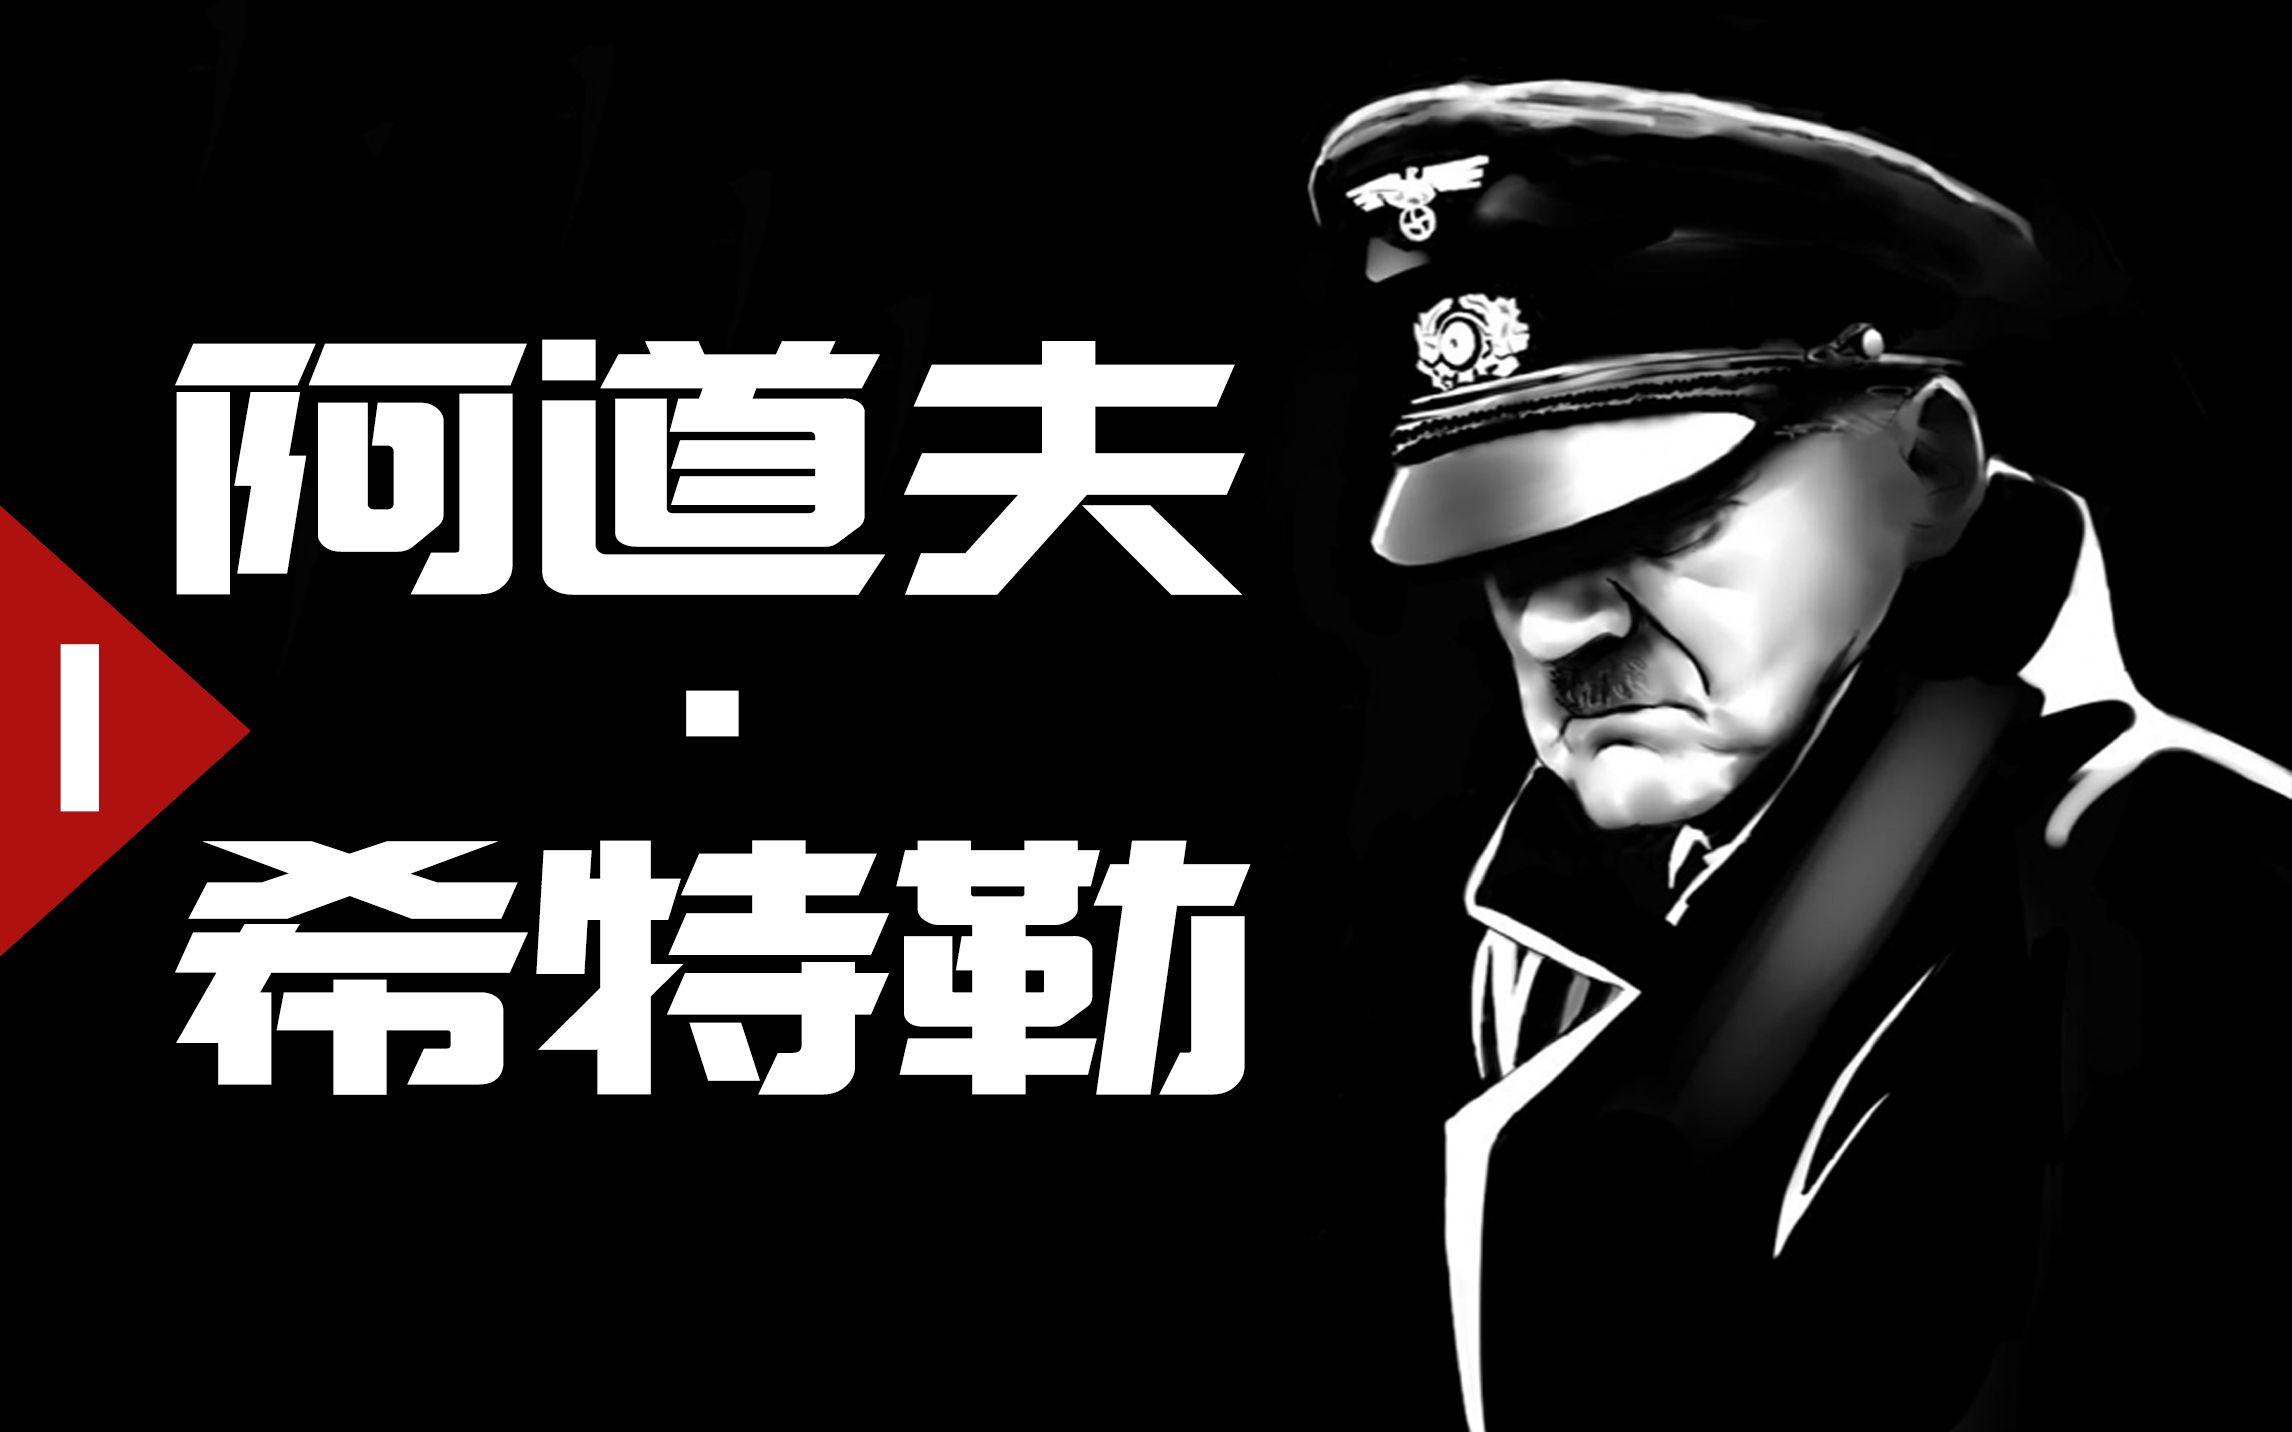 81年前, 他掀起了一场世界大战【历史调研室17】